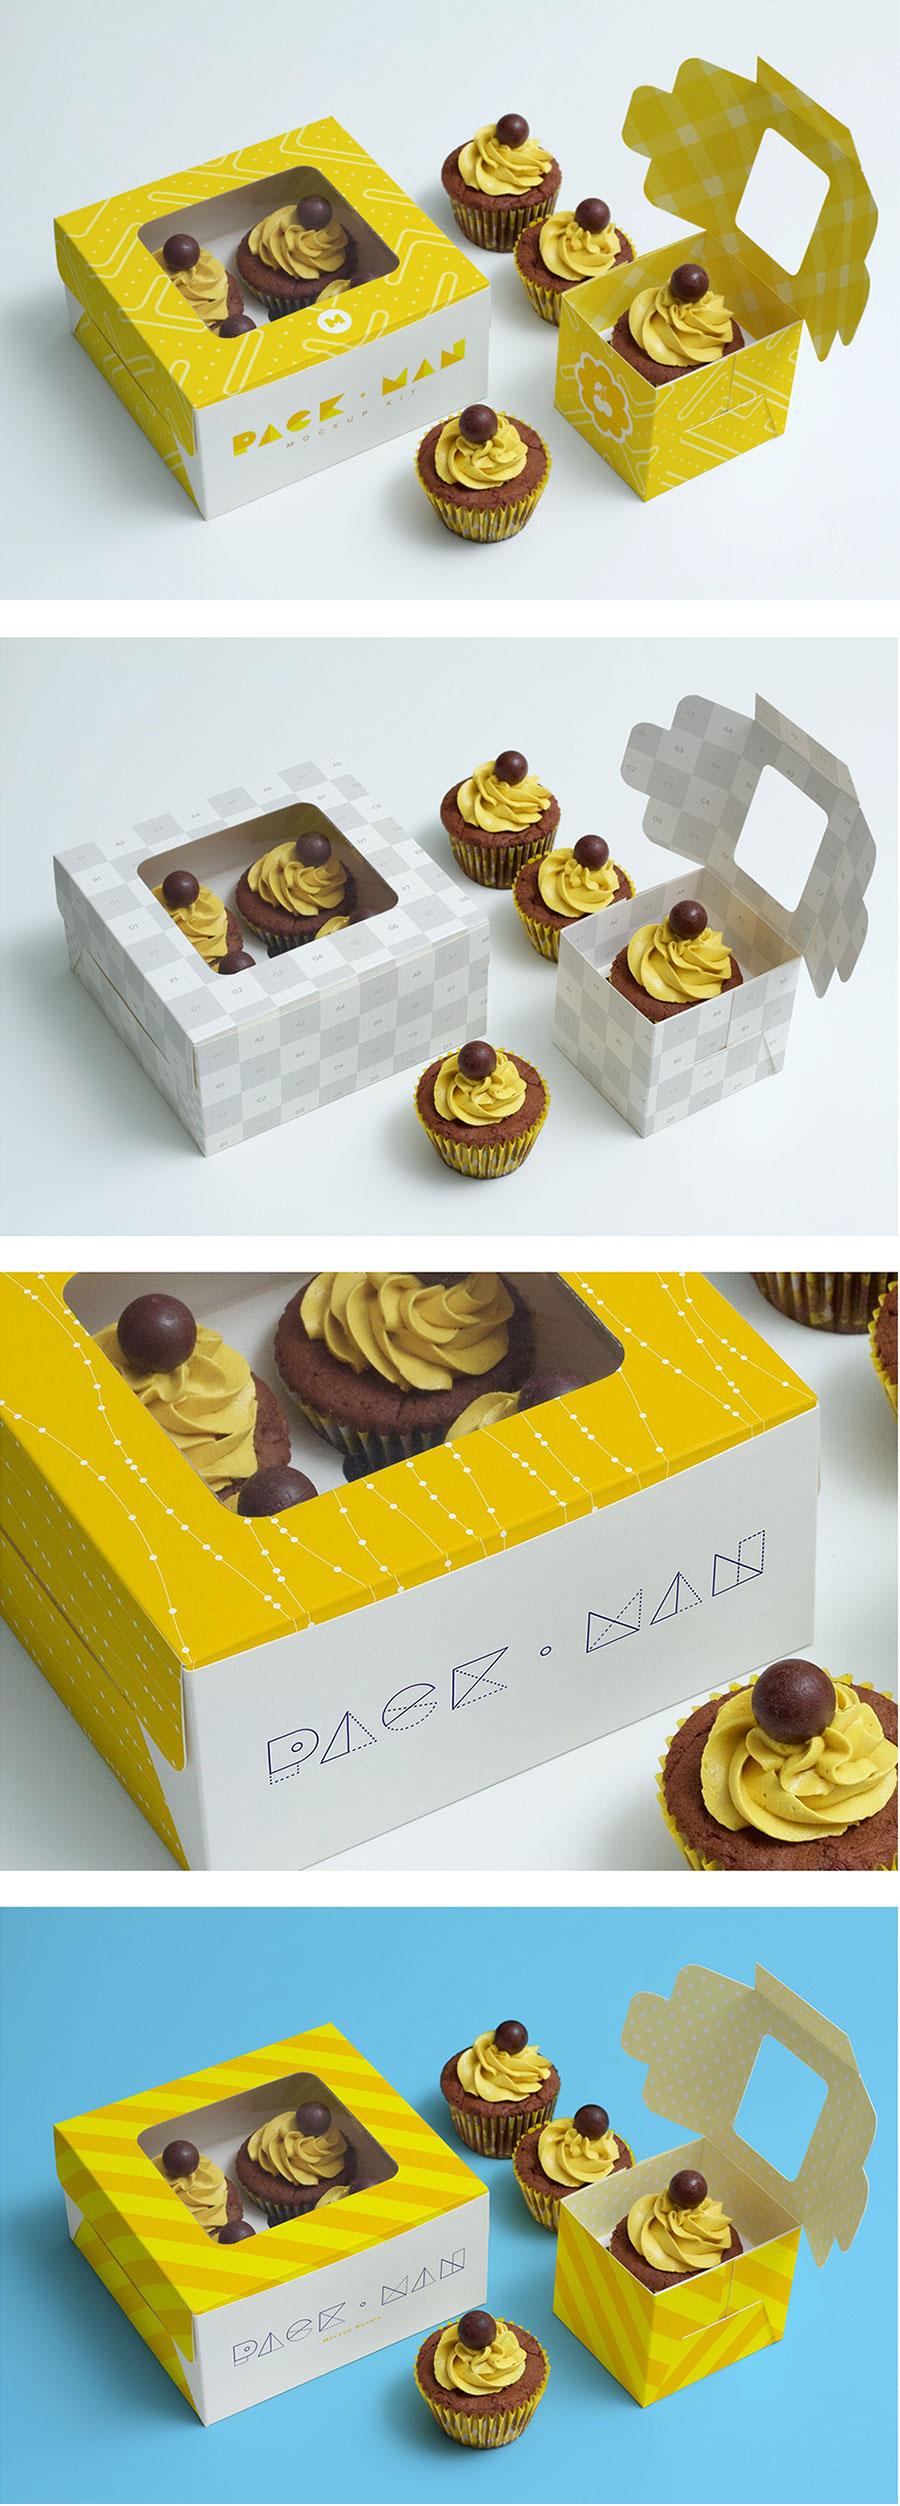 甜品包装VI设计展示模型(Mockup)下载[PSD]